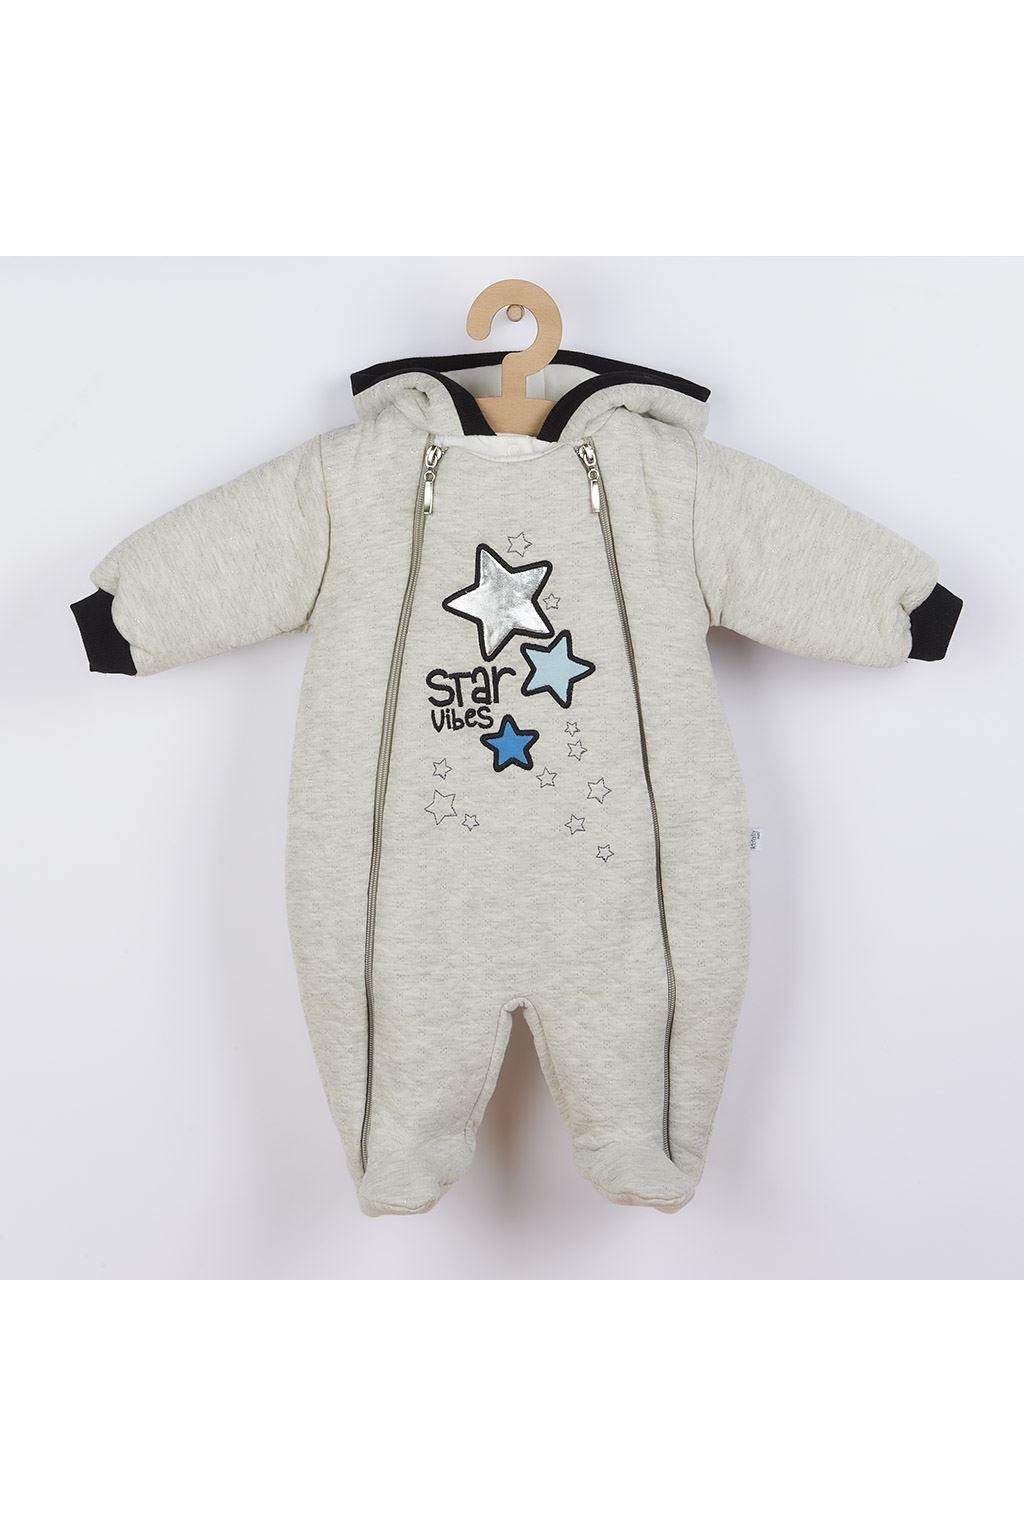 Zimná dojčenská kombinéza s kapucňou Koala Star Vibes modrá